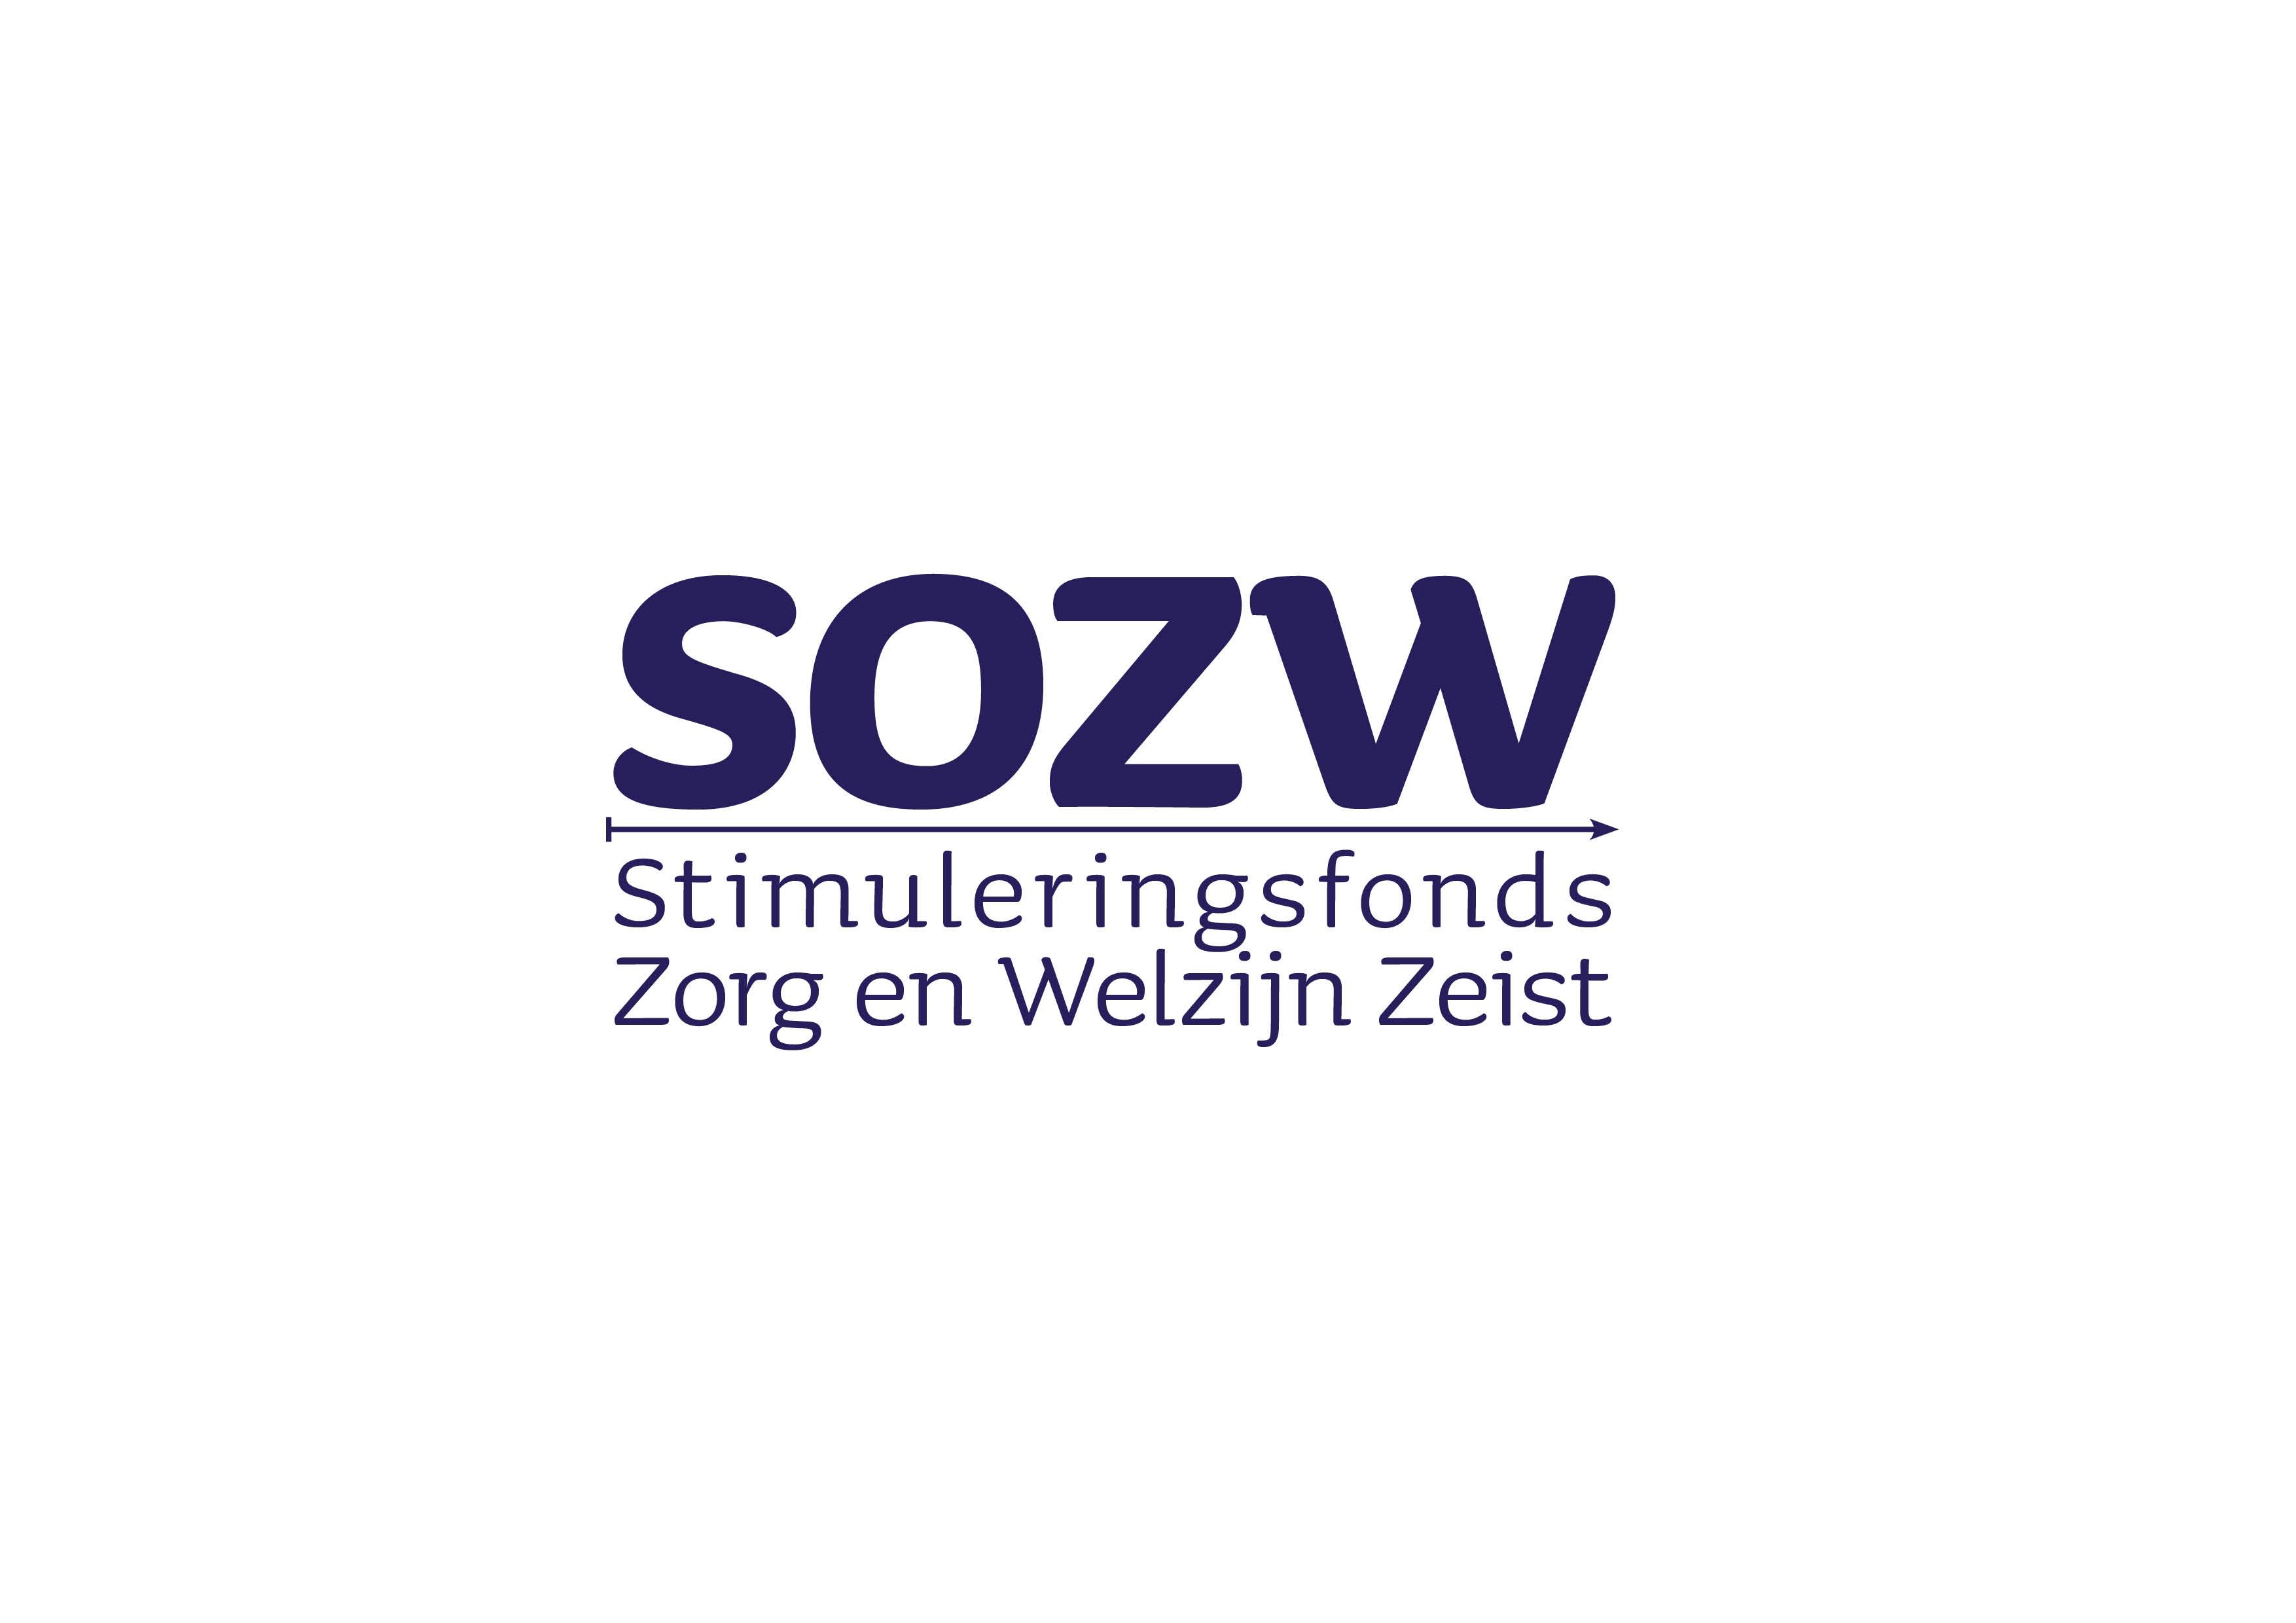 SOZW (Stimuleringsfonds Zorg en Welzijn Zeist)